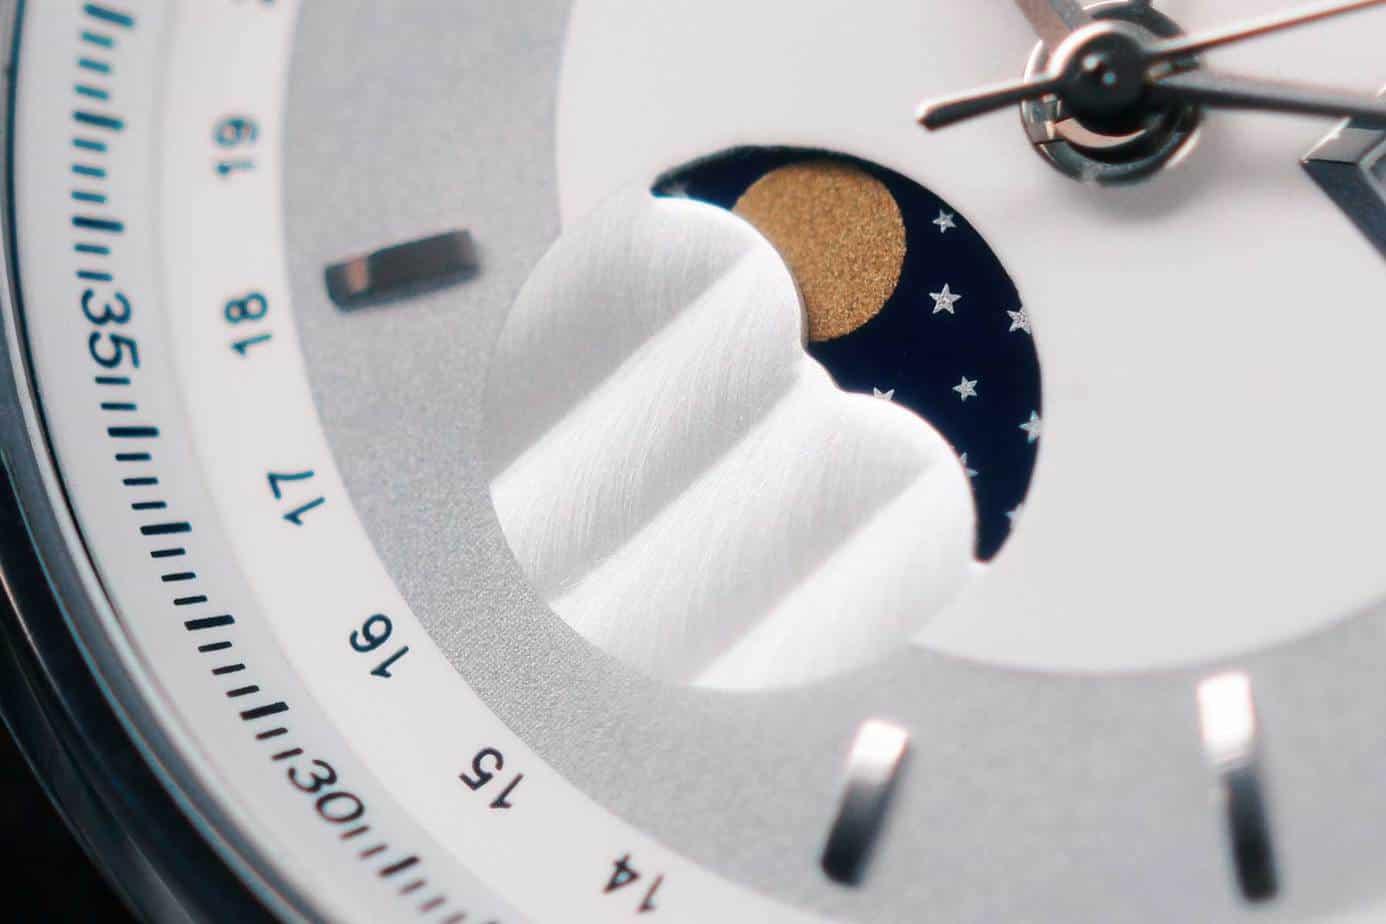 moon phase watch complication horloge complicaties functies